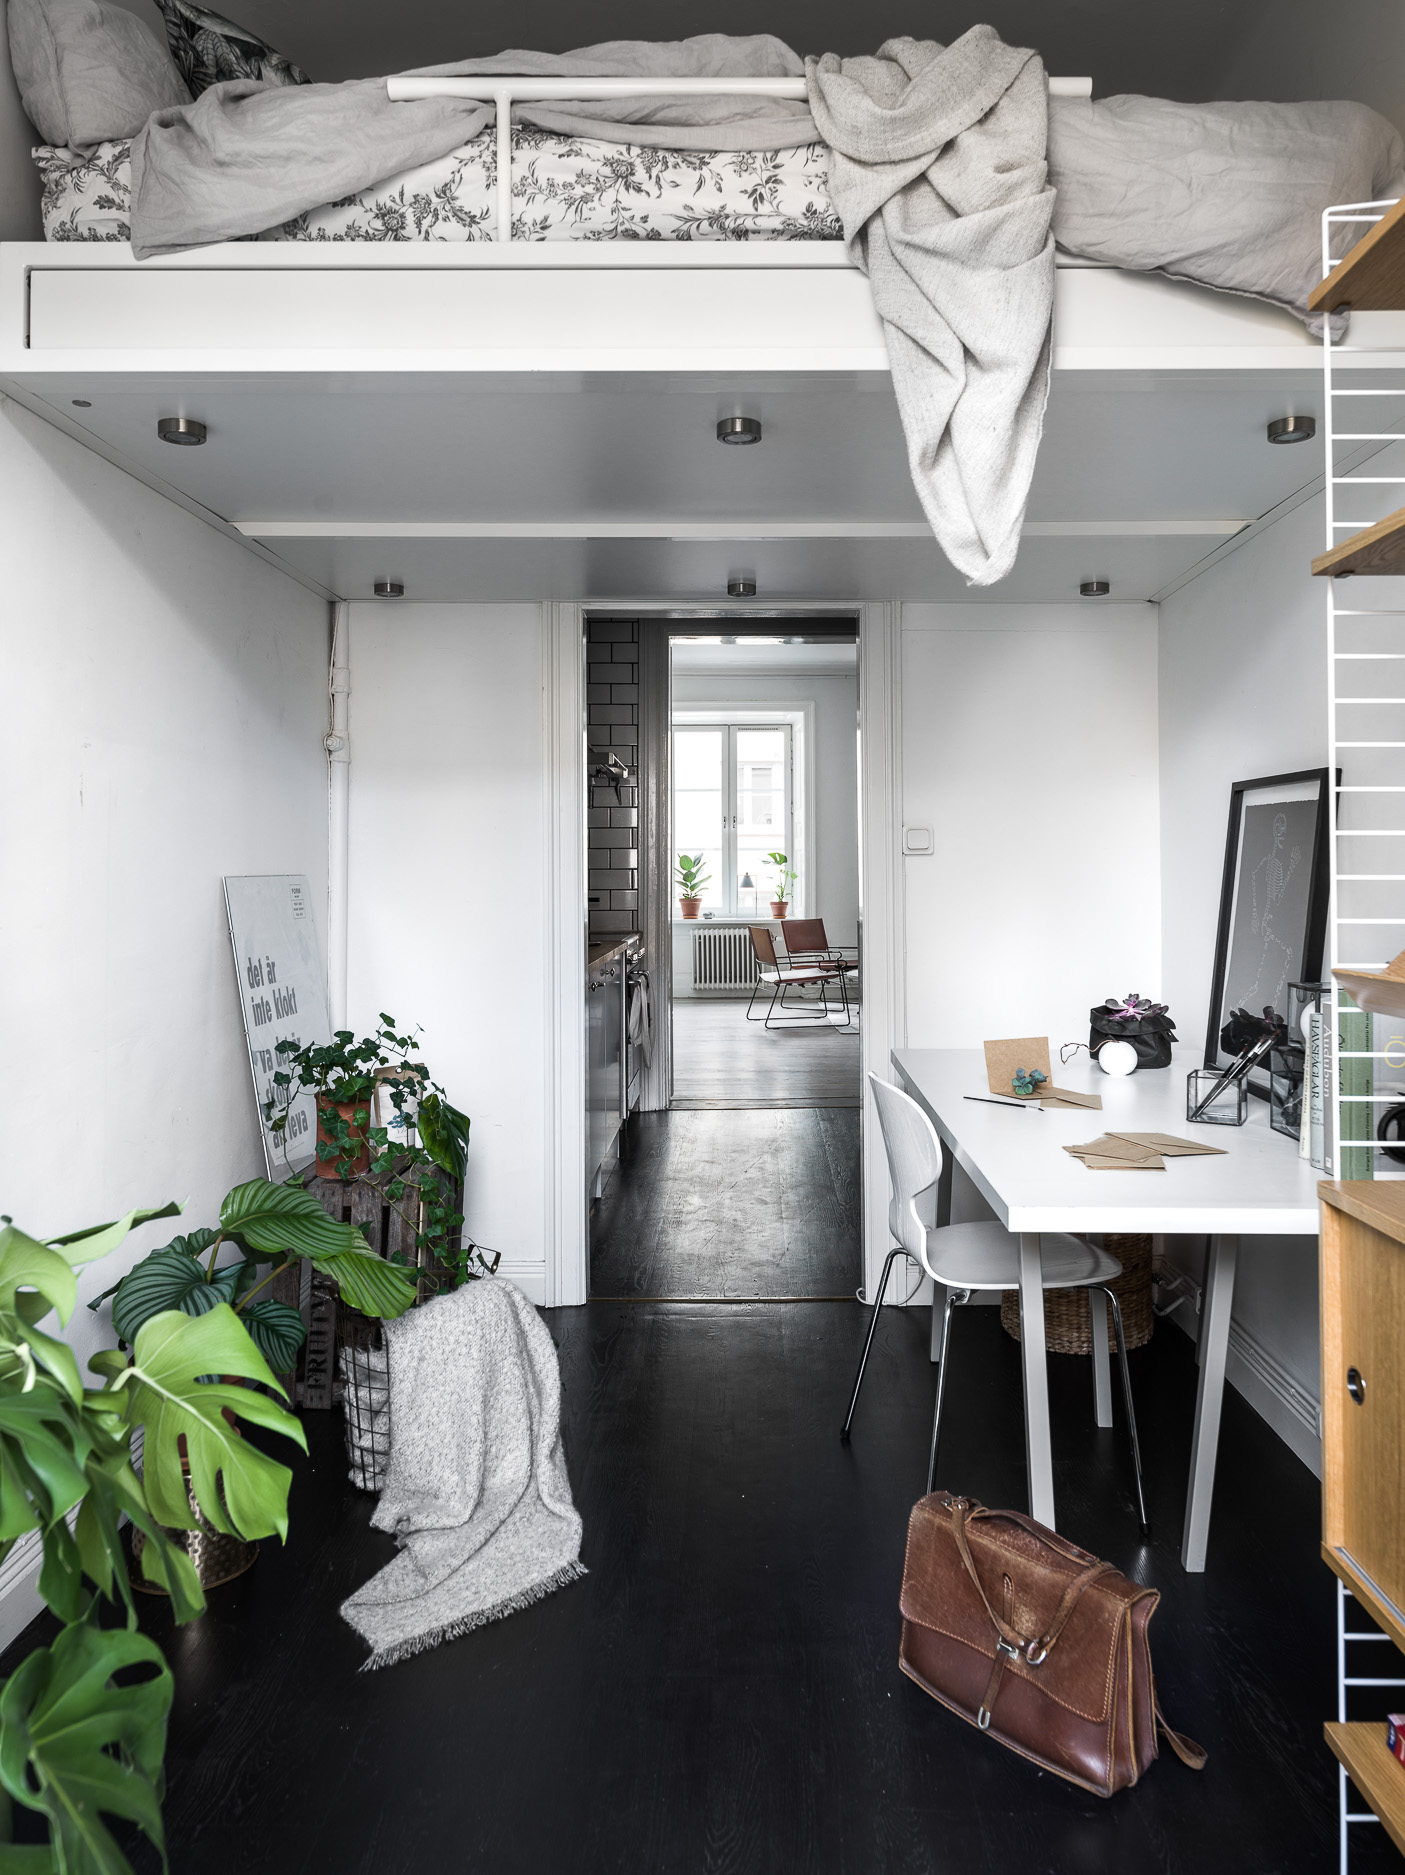 Creatief Huis Inrichten.Creatief Ingericht Klein Appartement Van 44m2 Huis